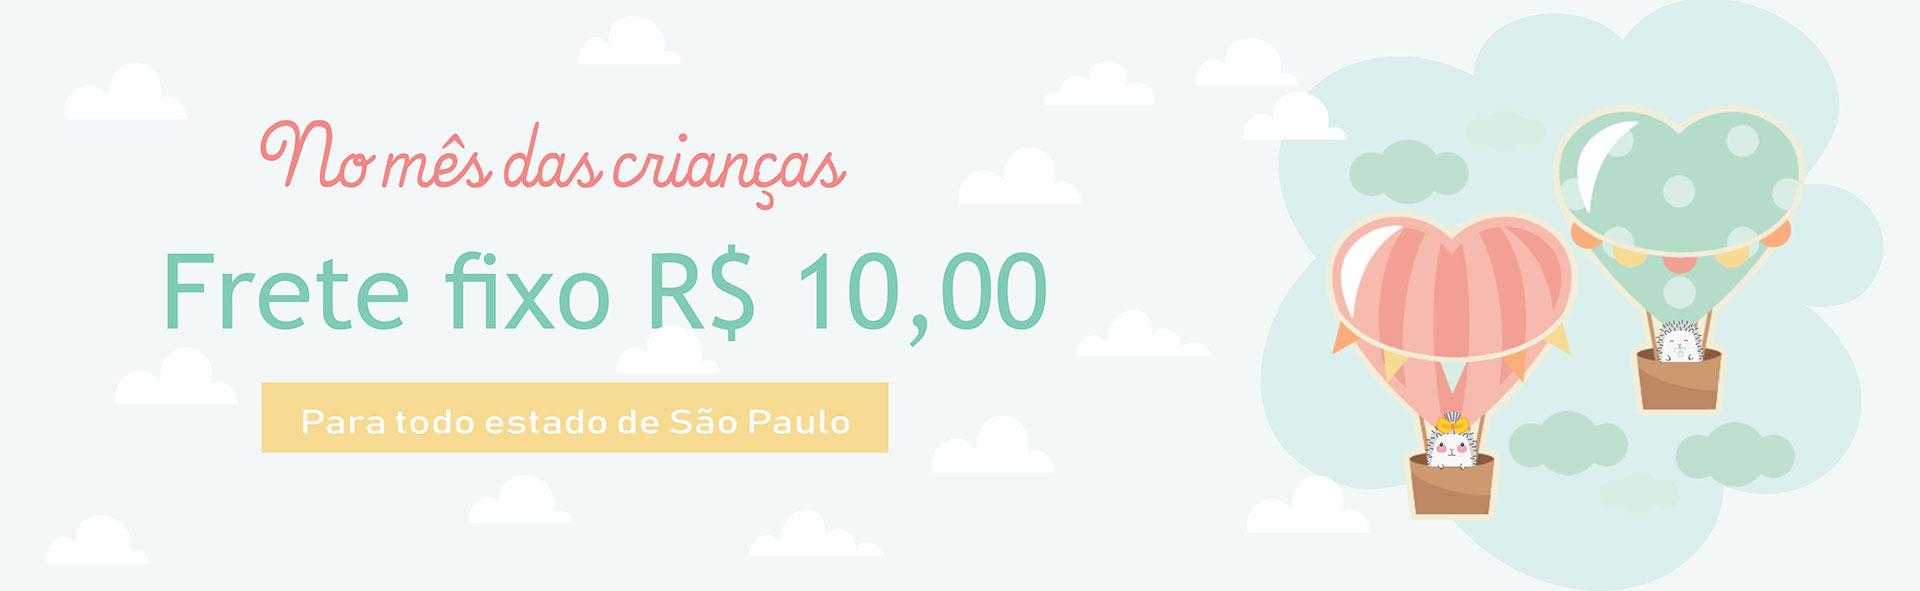 Banner frete 10 reais